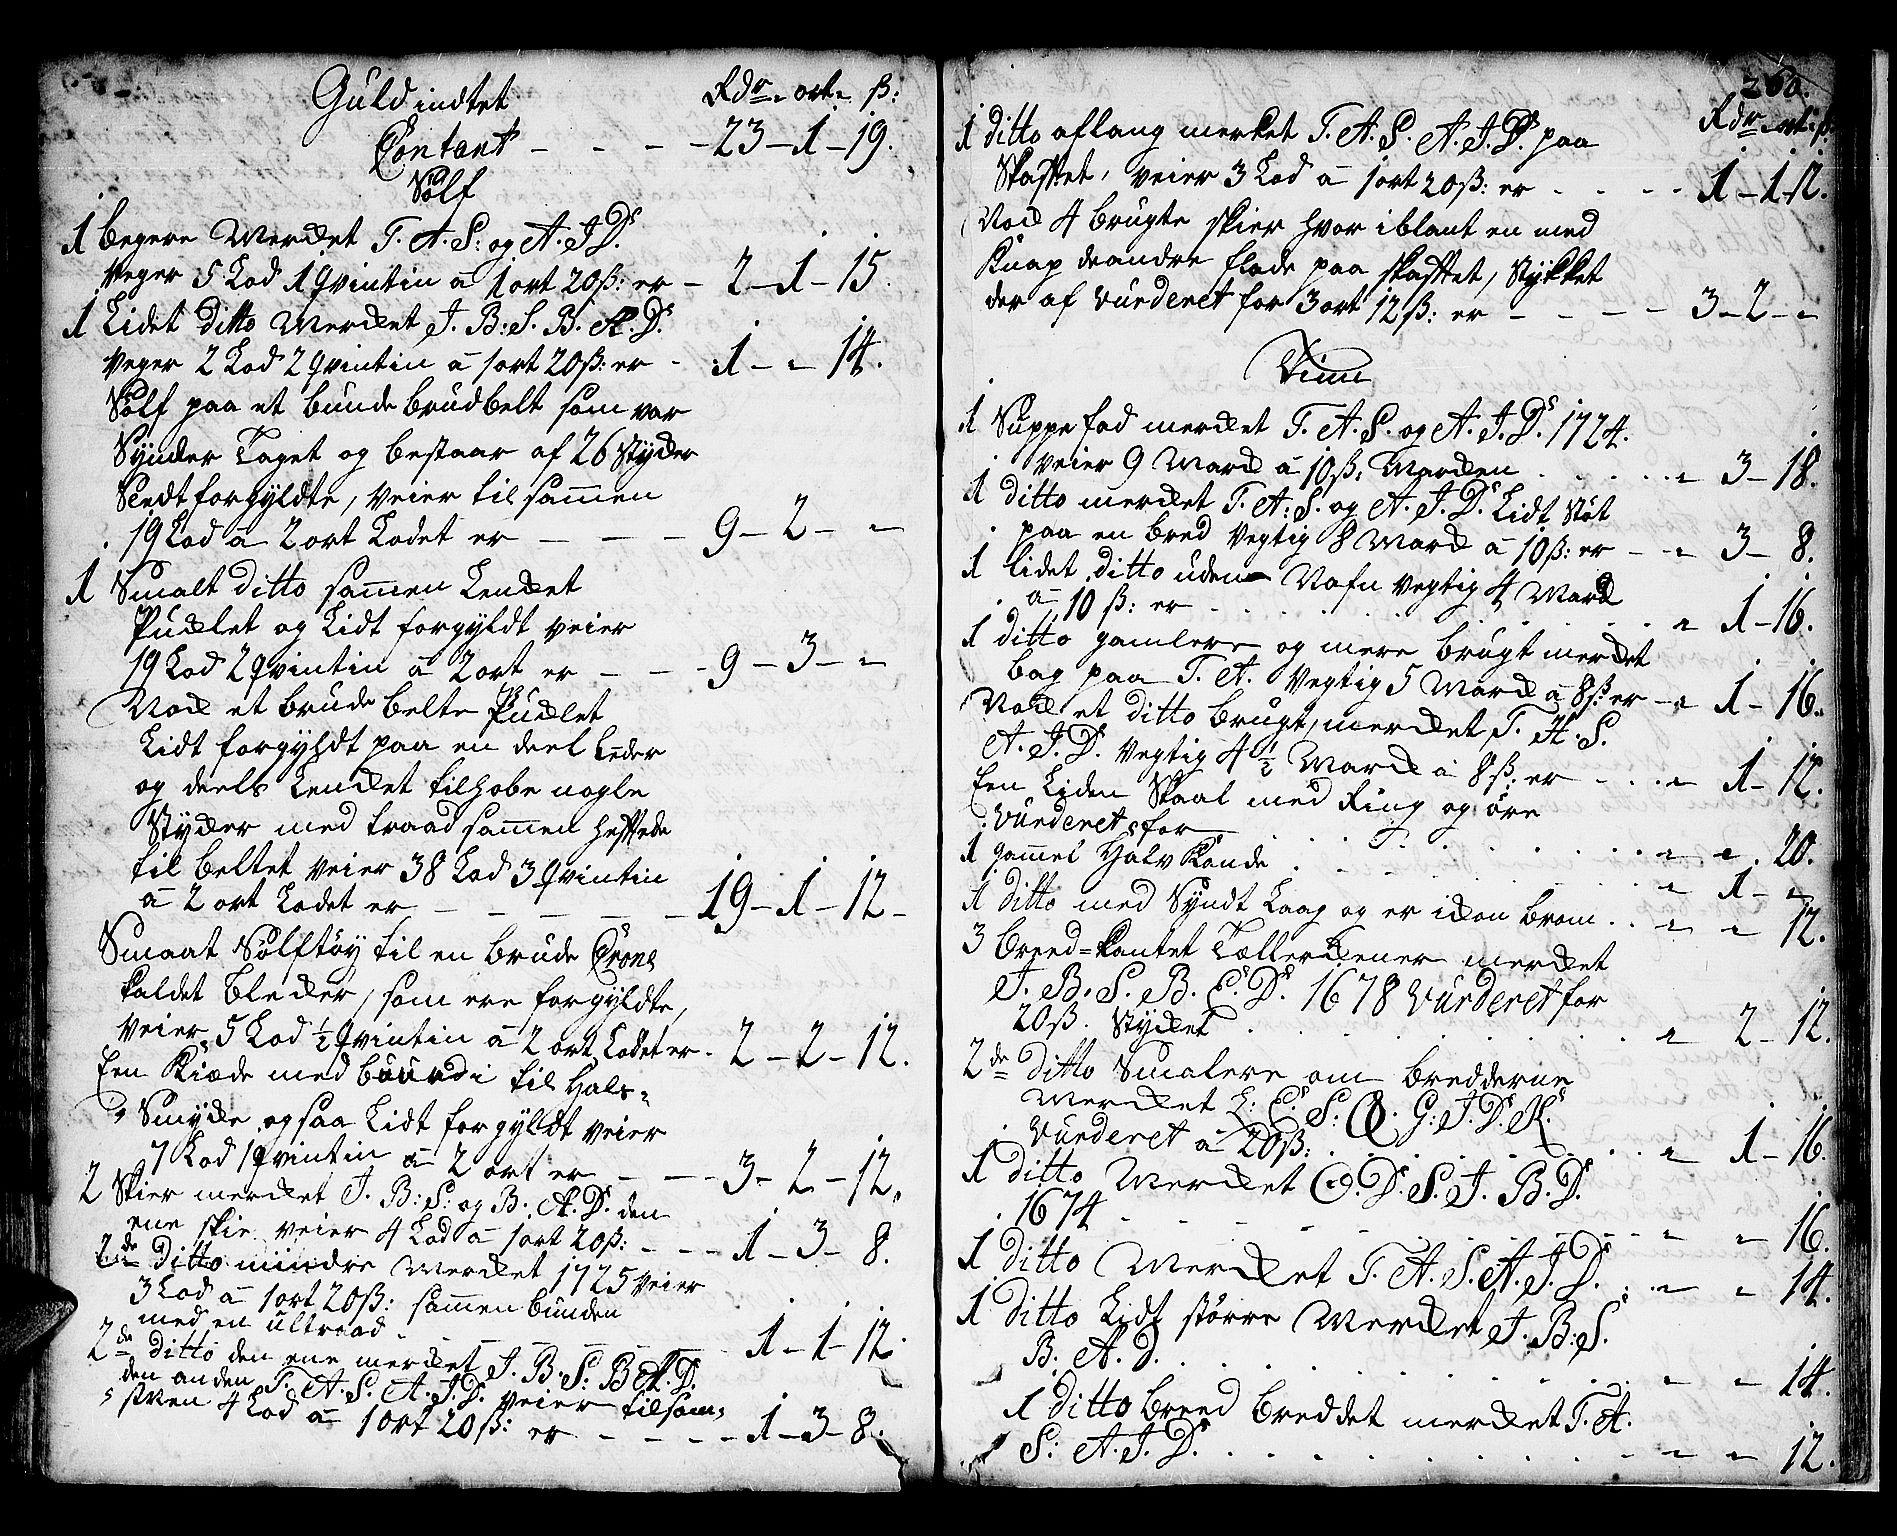 SAT, Romsdal prosti, I/I1/L0001: Retts- og skifteprotokoll m/register, 1706-1749, s. 259b-260a